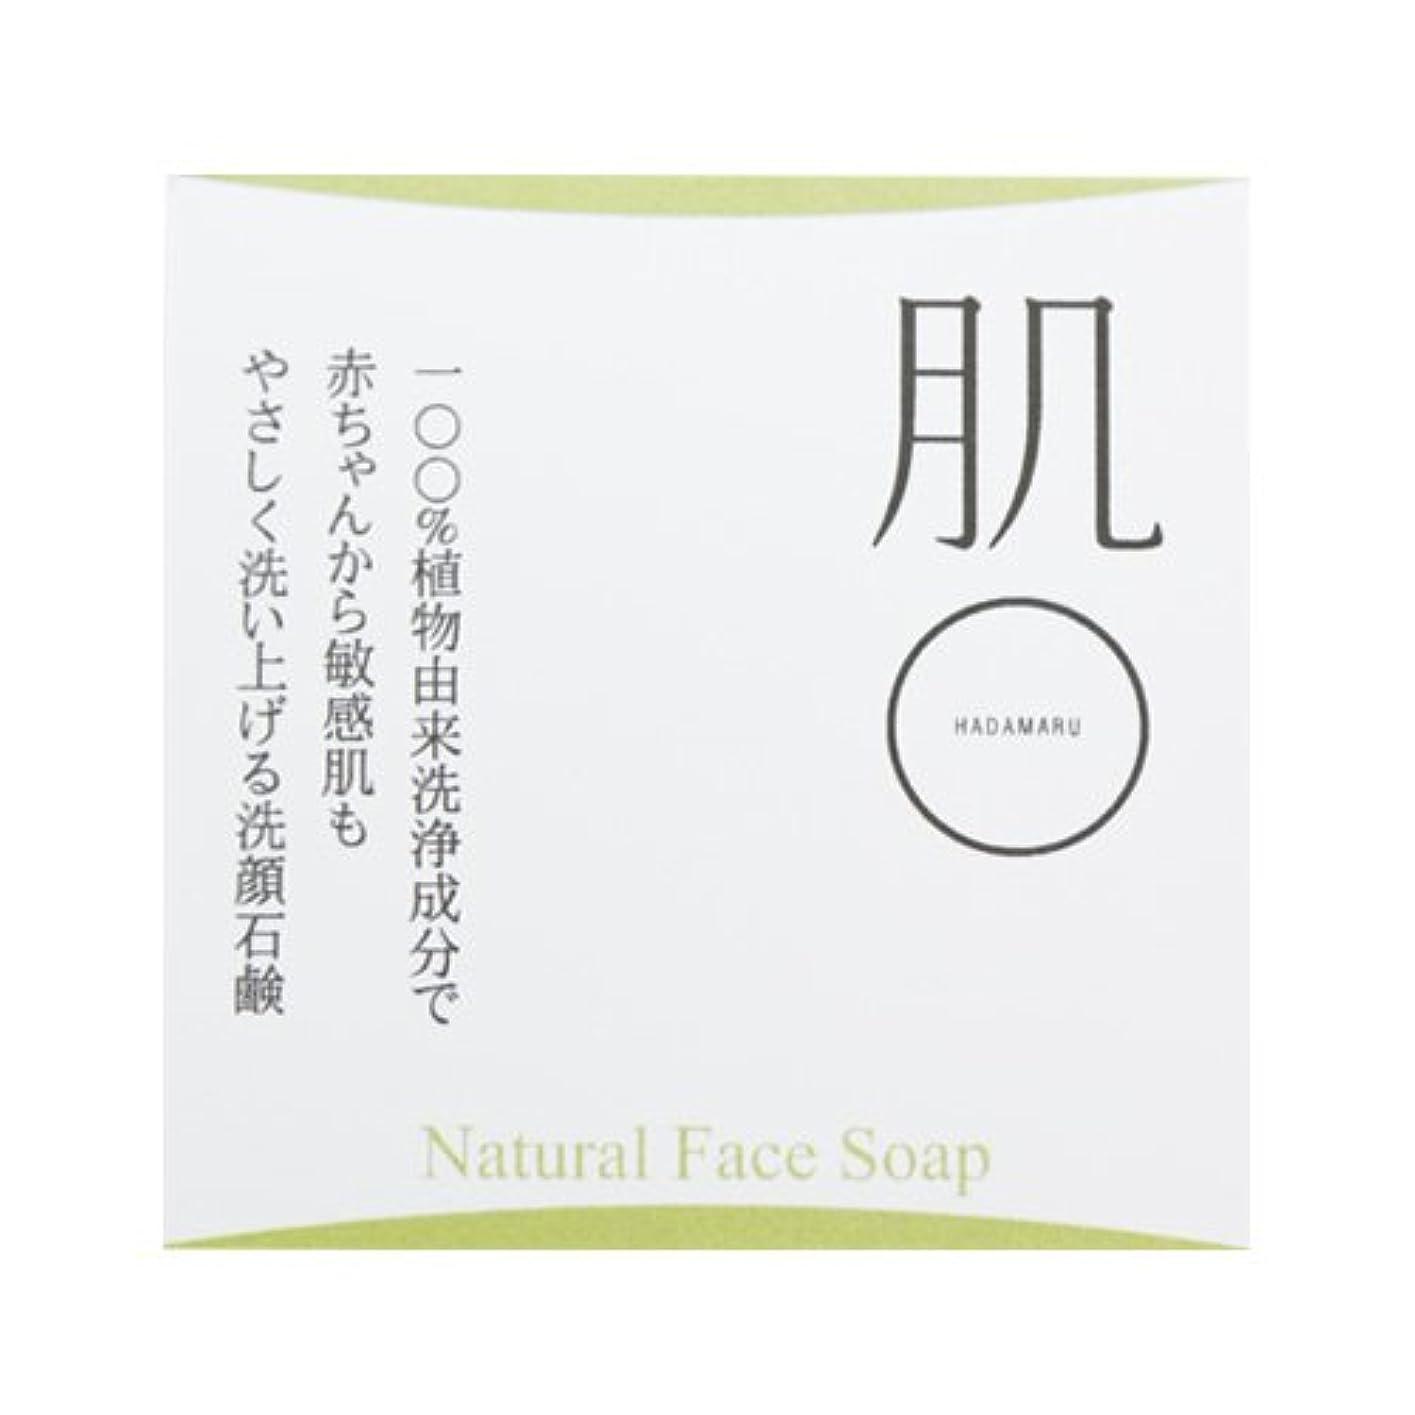 頬骨生理記念品肌まる ナチュラルフェイスソープ【旧製品】